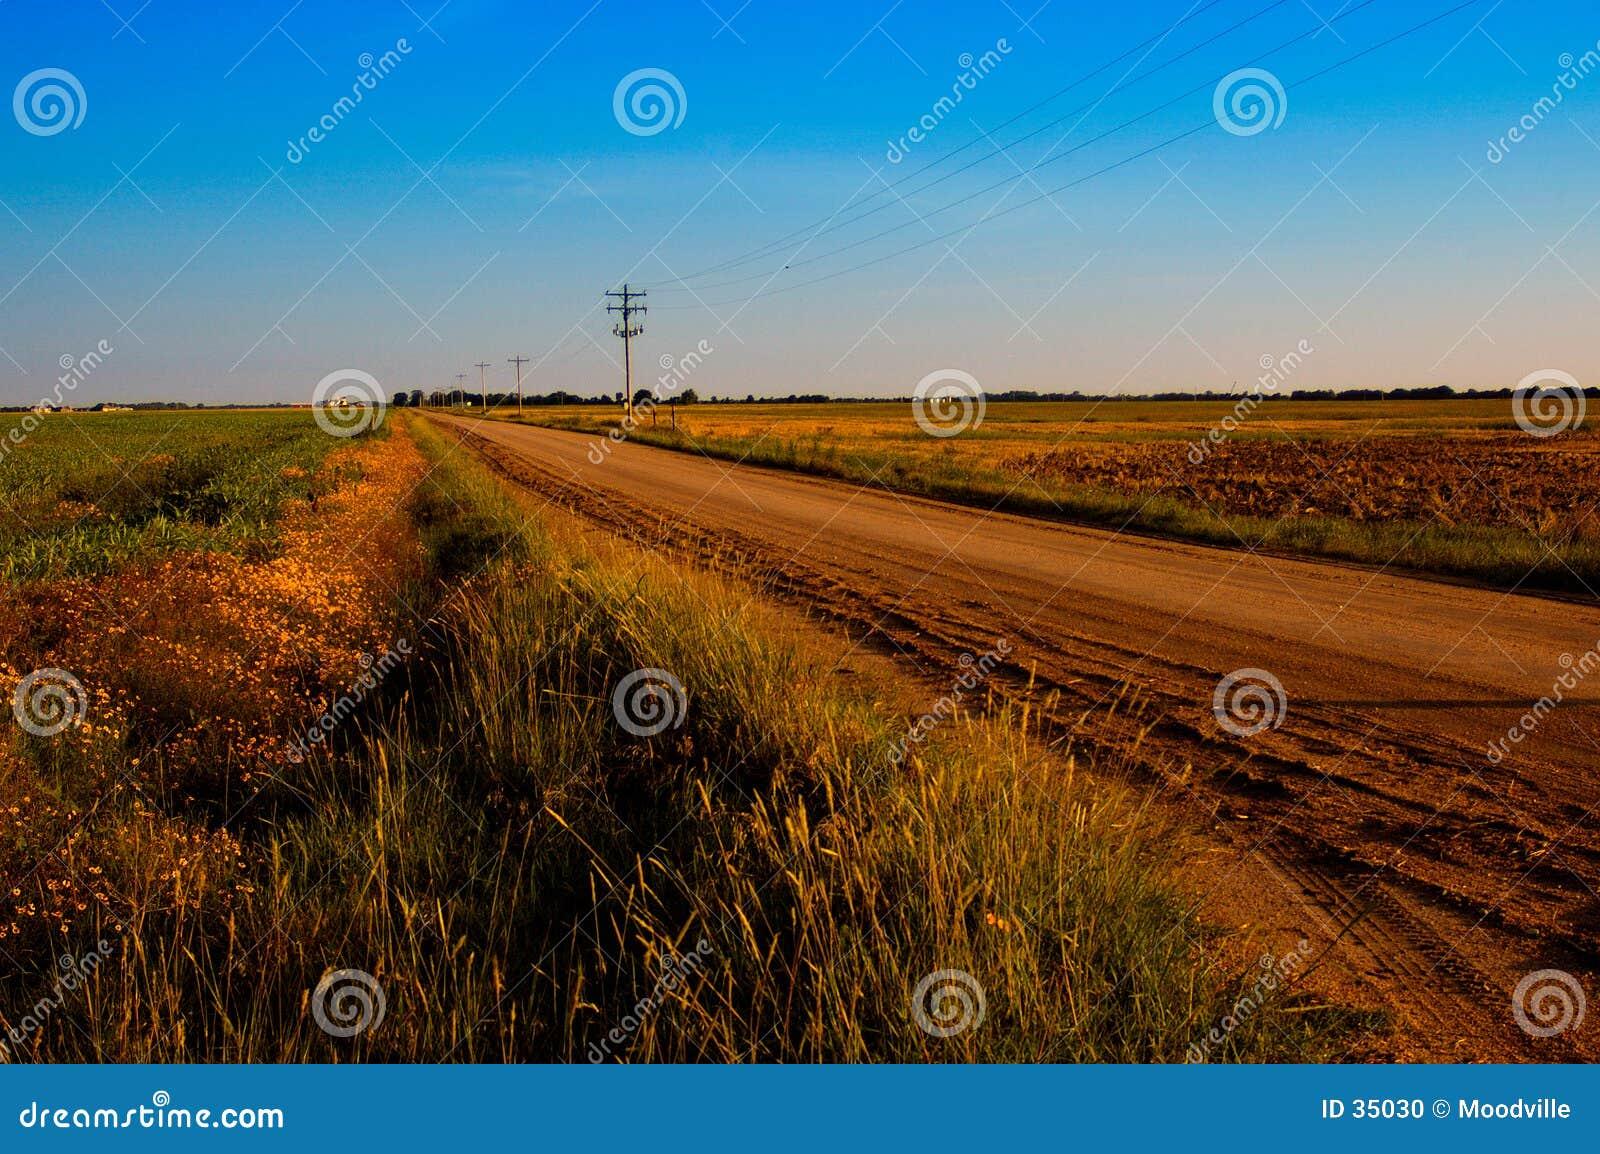 Route de campagne poussiéreuse